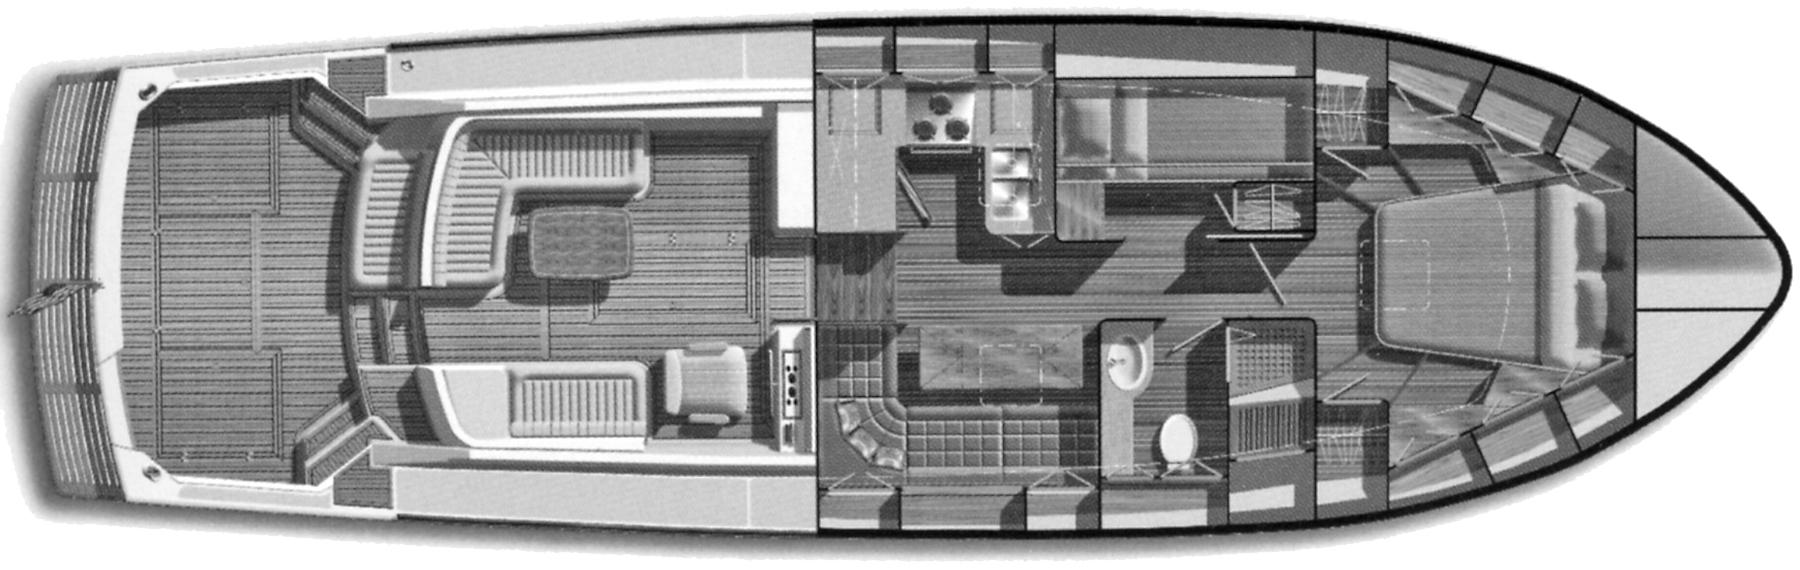 Eastbay 43 EX Floor Plan 2